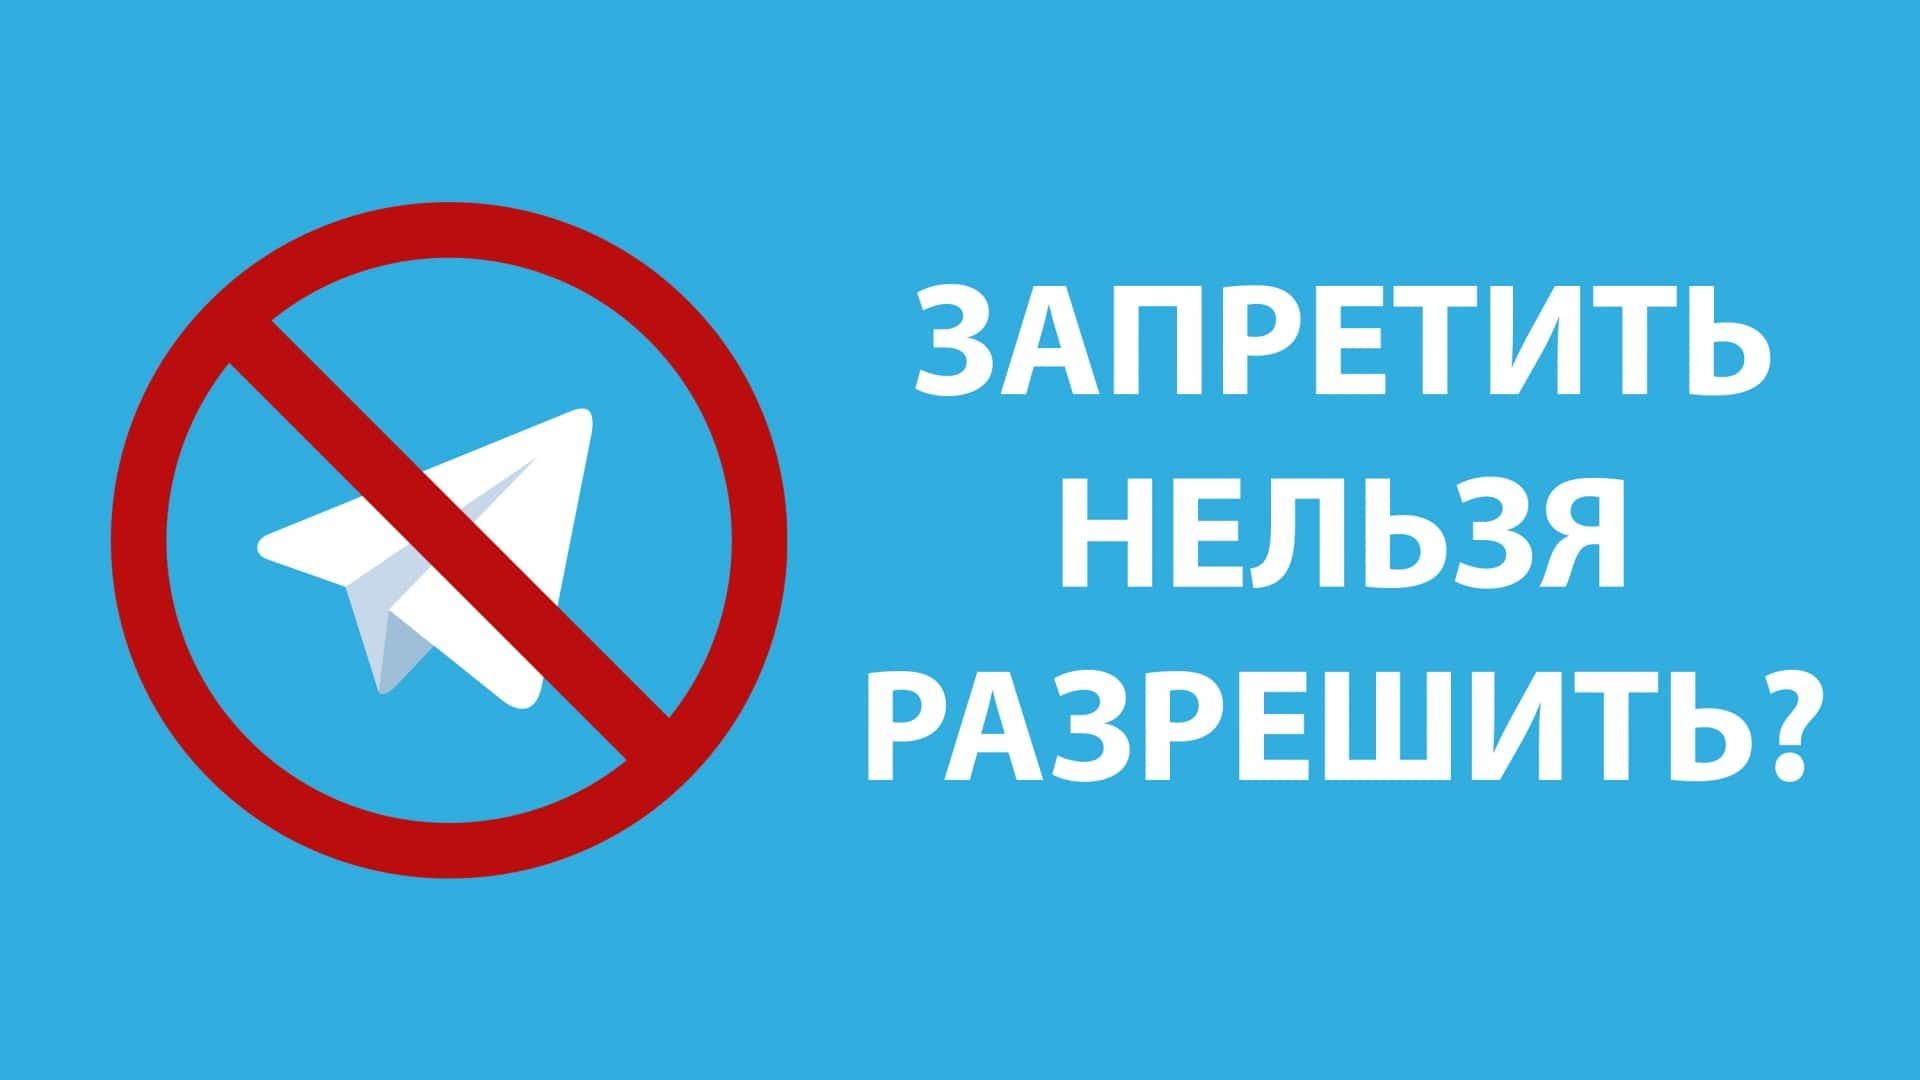 Telegram allow or prohibit